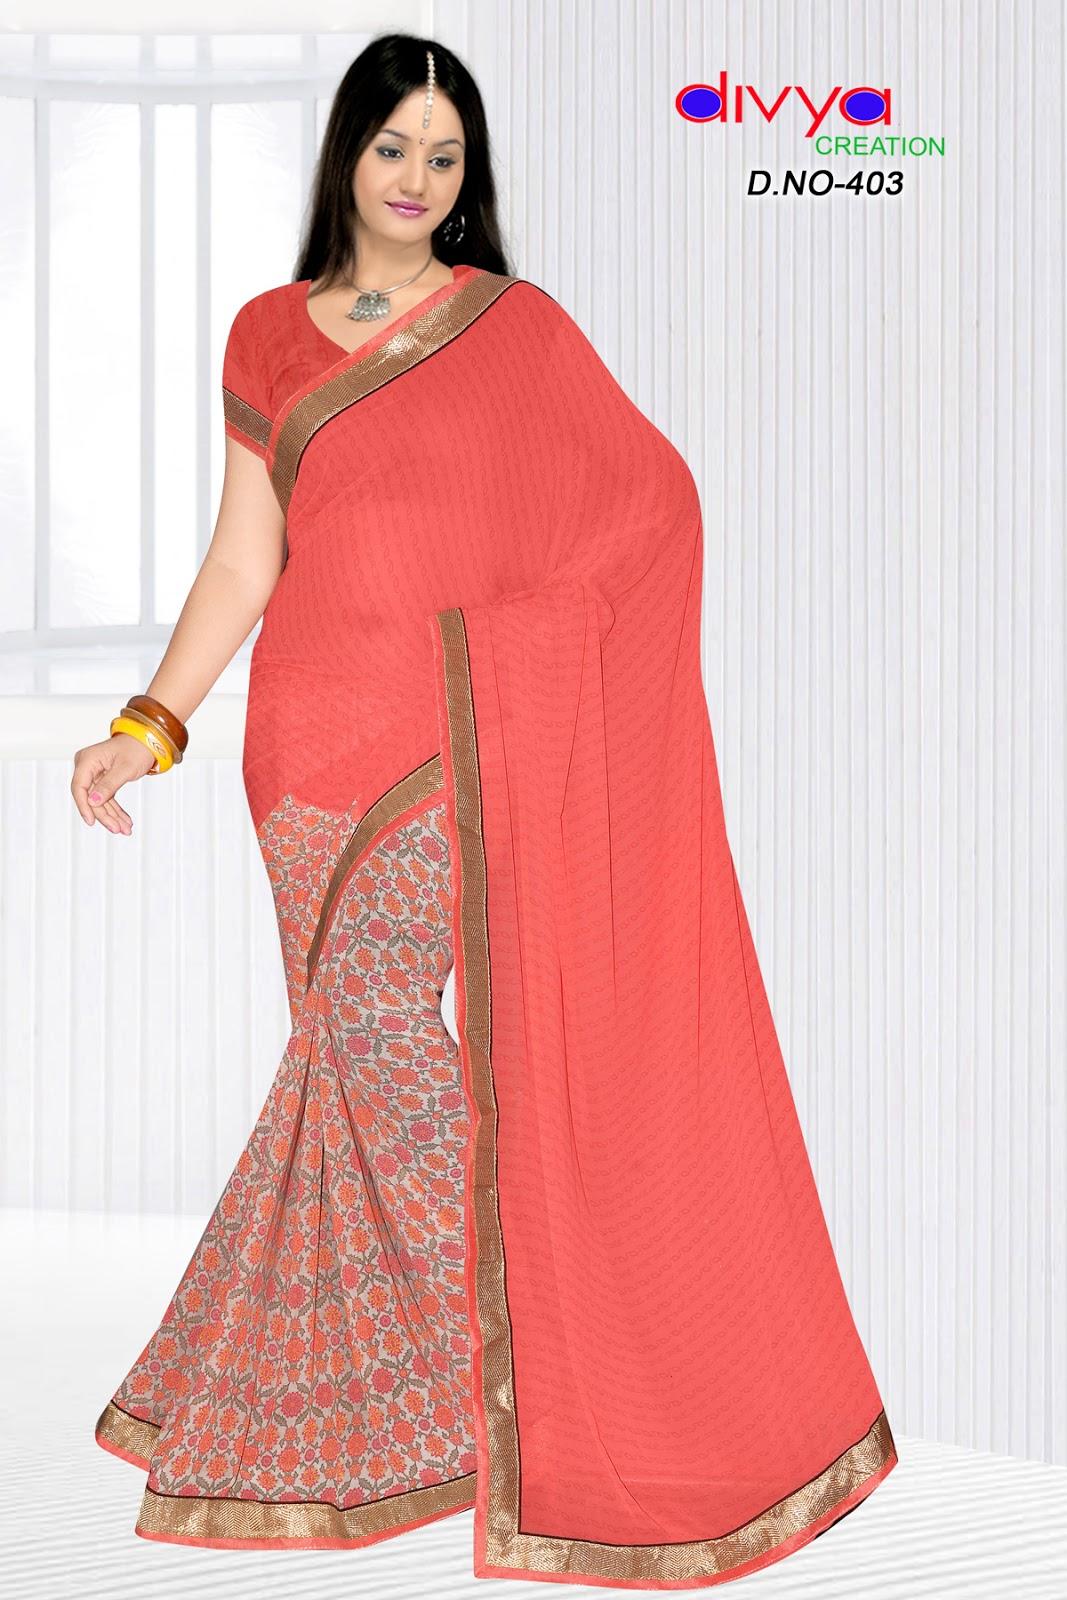 7b5dd48d31 ... Anarkali Salwar Kameez, Lehenga Choli Surat, India ,Sarees Wholesaler, Sarees Expoter,textile product wholesale,textile export, online shopping.